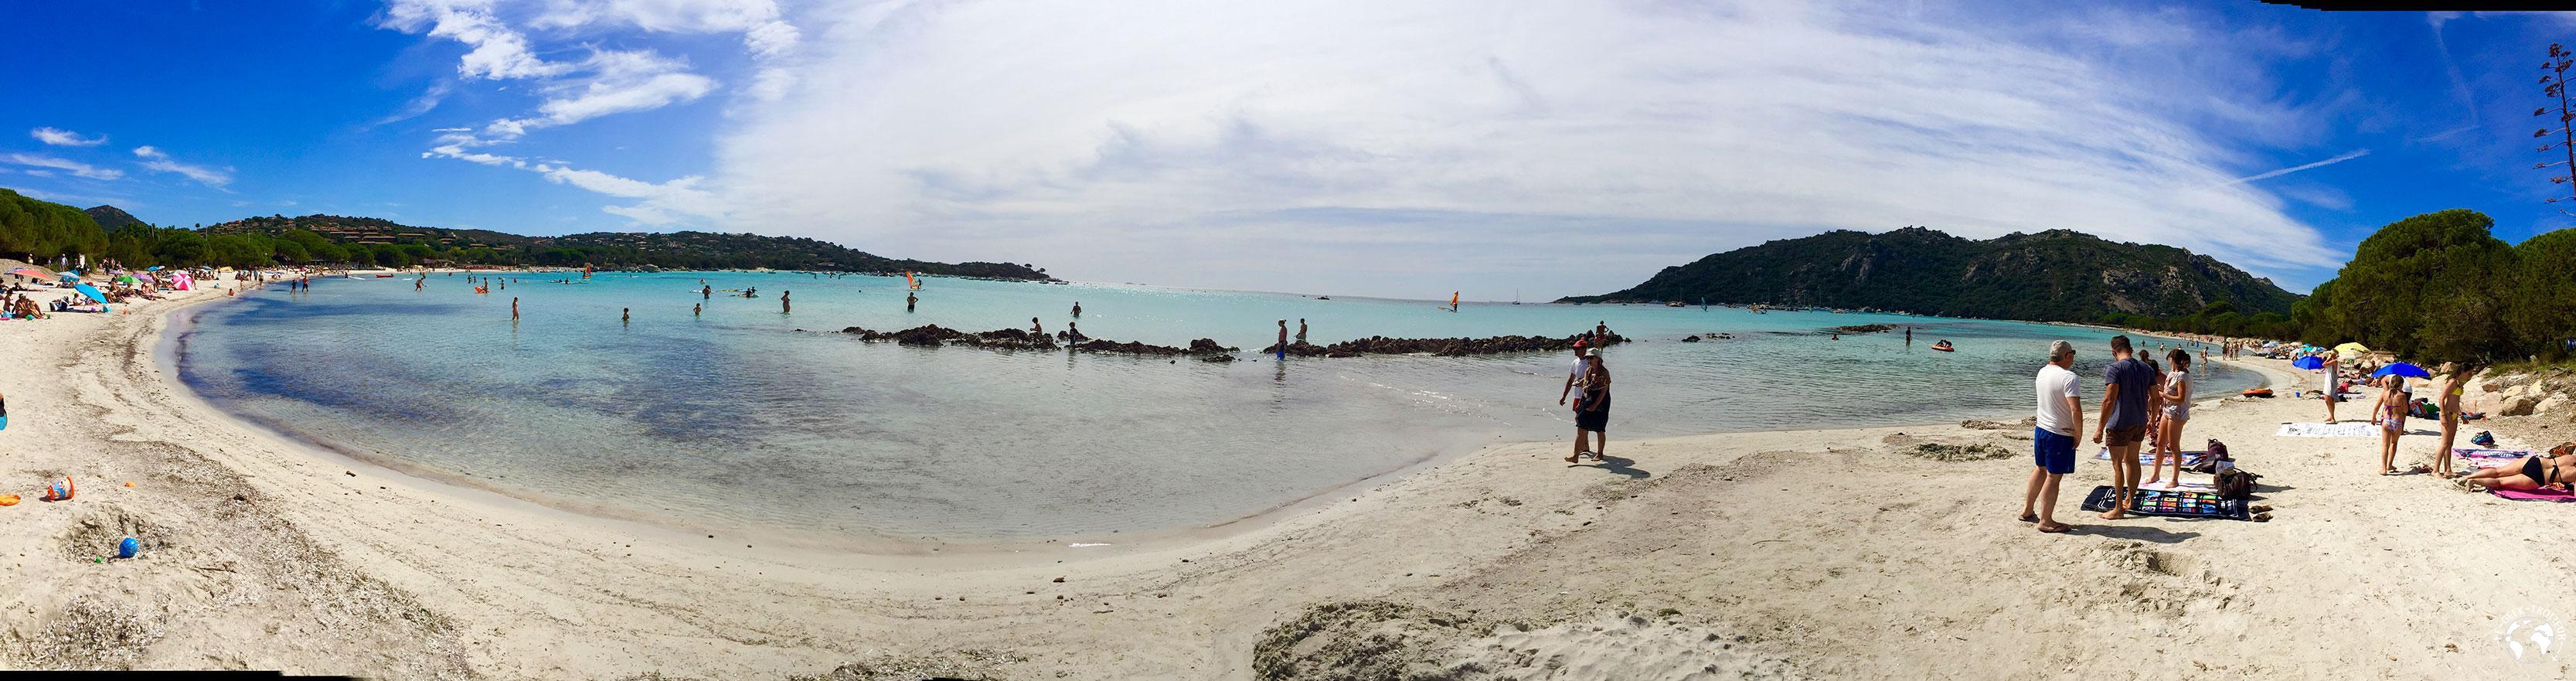 La plage de Santa Giulia en Corse